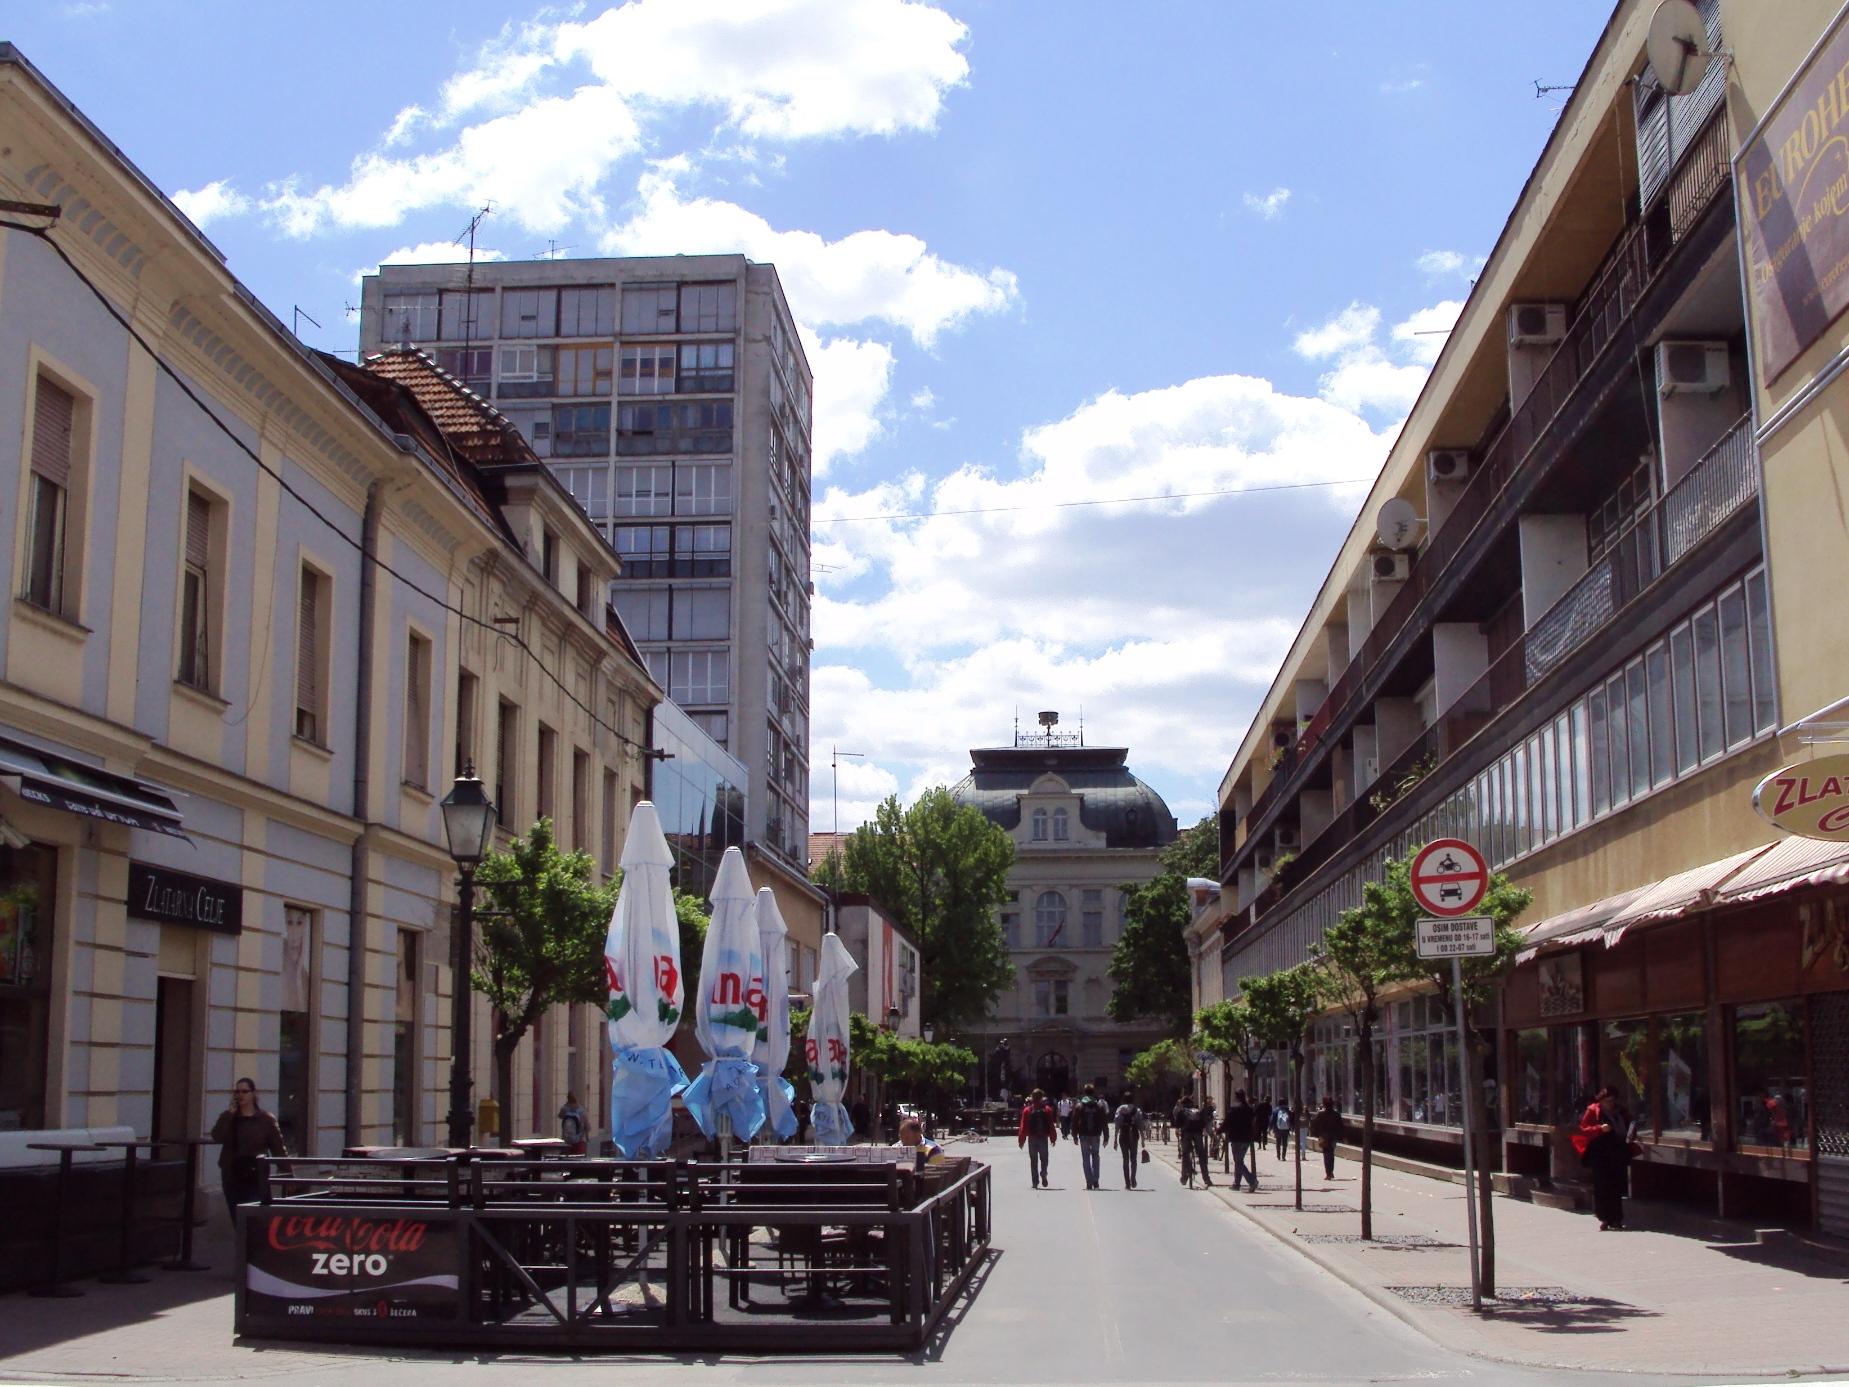 O planovima za novi mandat na čelu grada i drugim temama